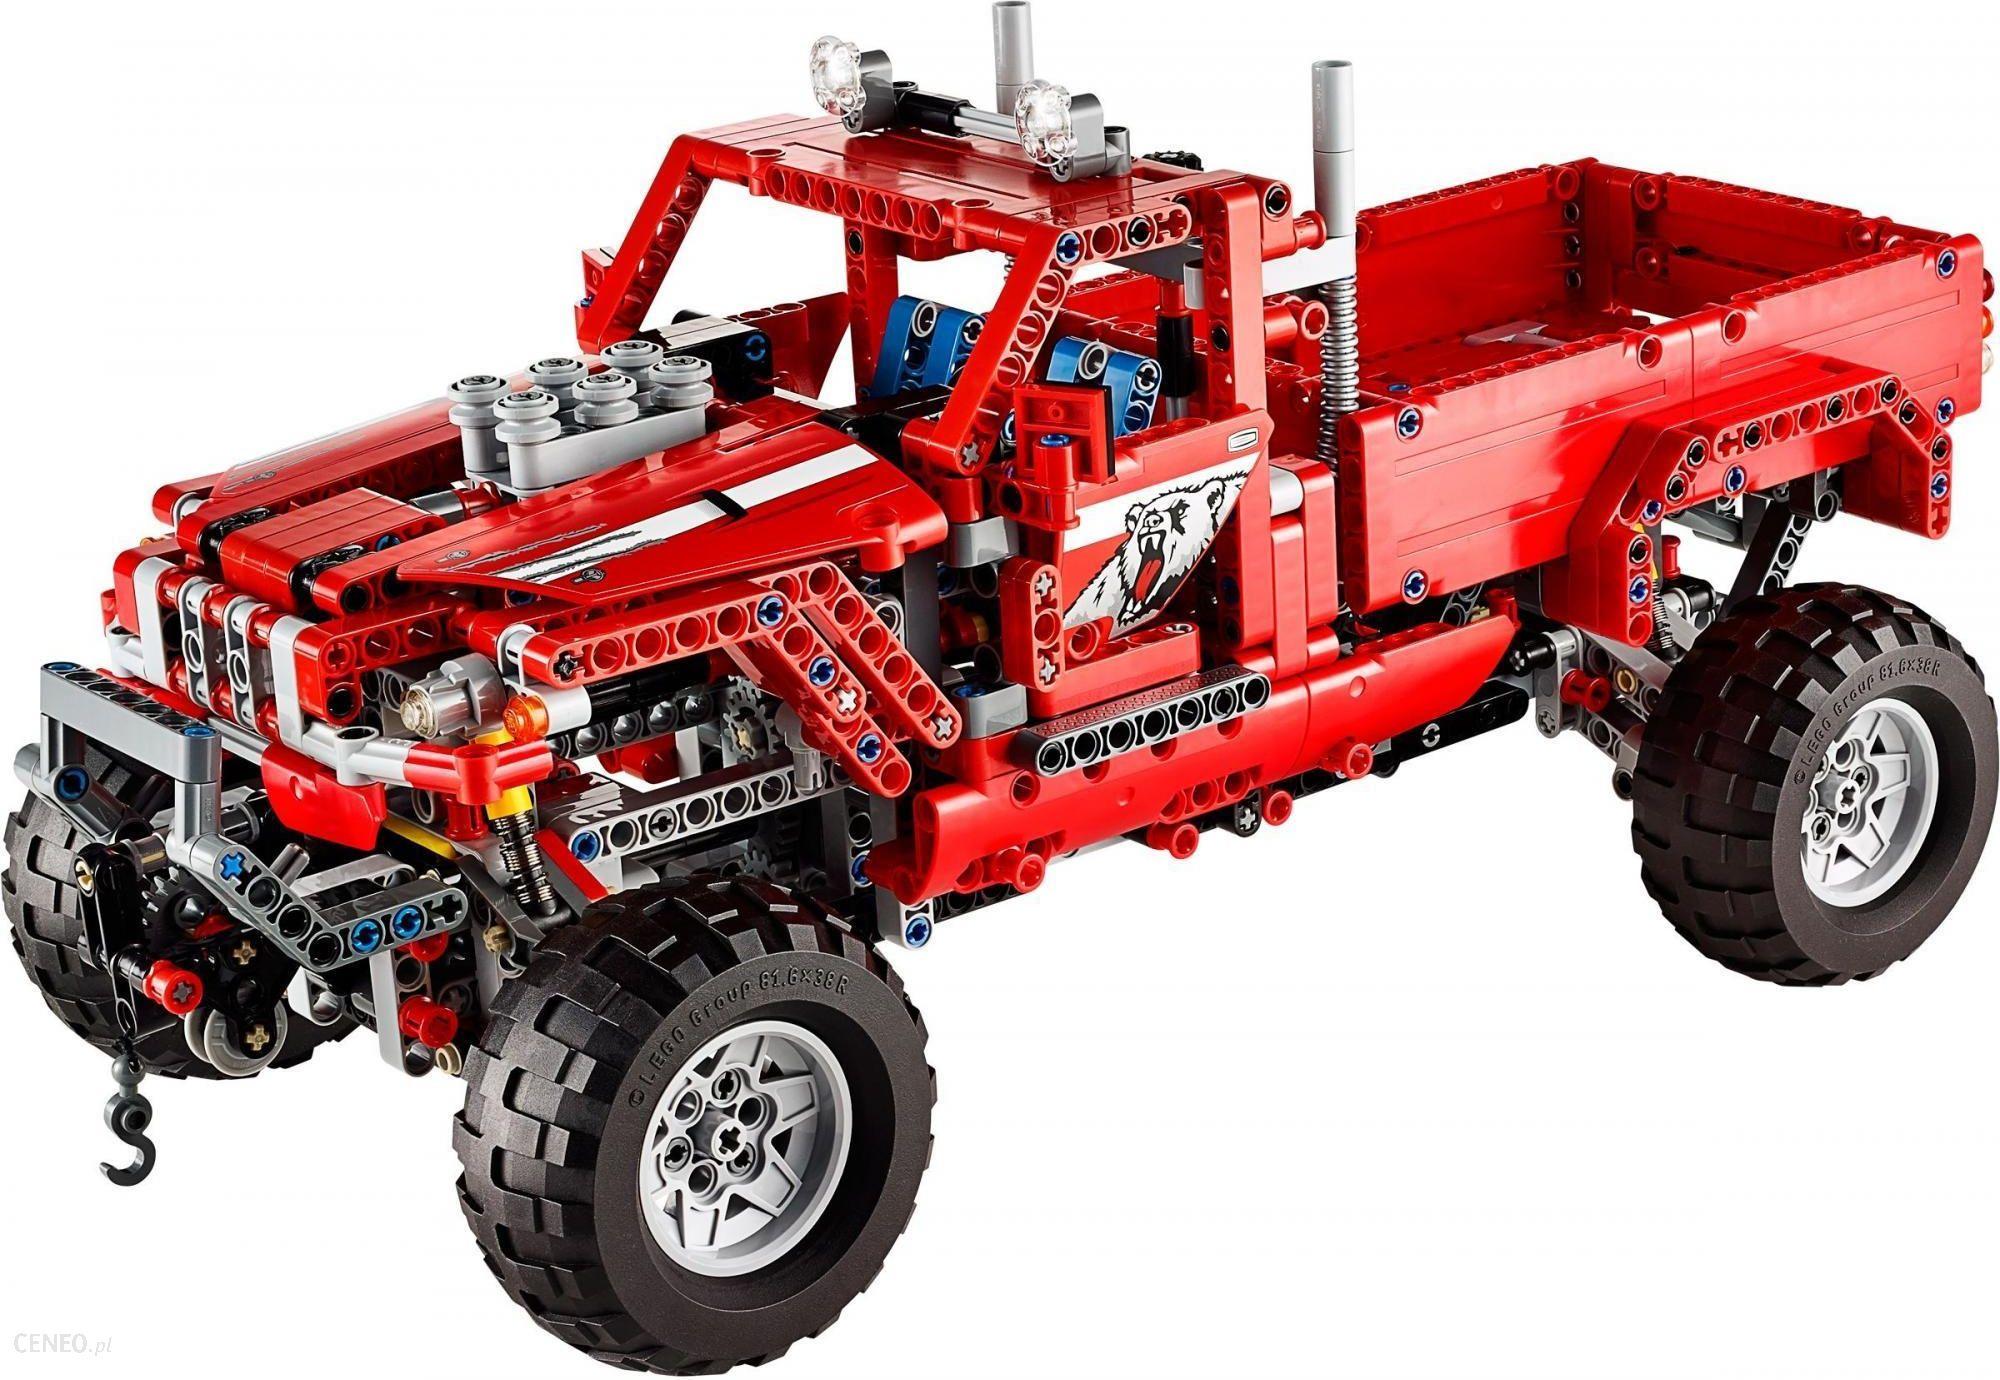 Klocki Lego Technic Ciężarówka Po Tuningu 42029 Ceny I Opinie